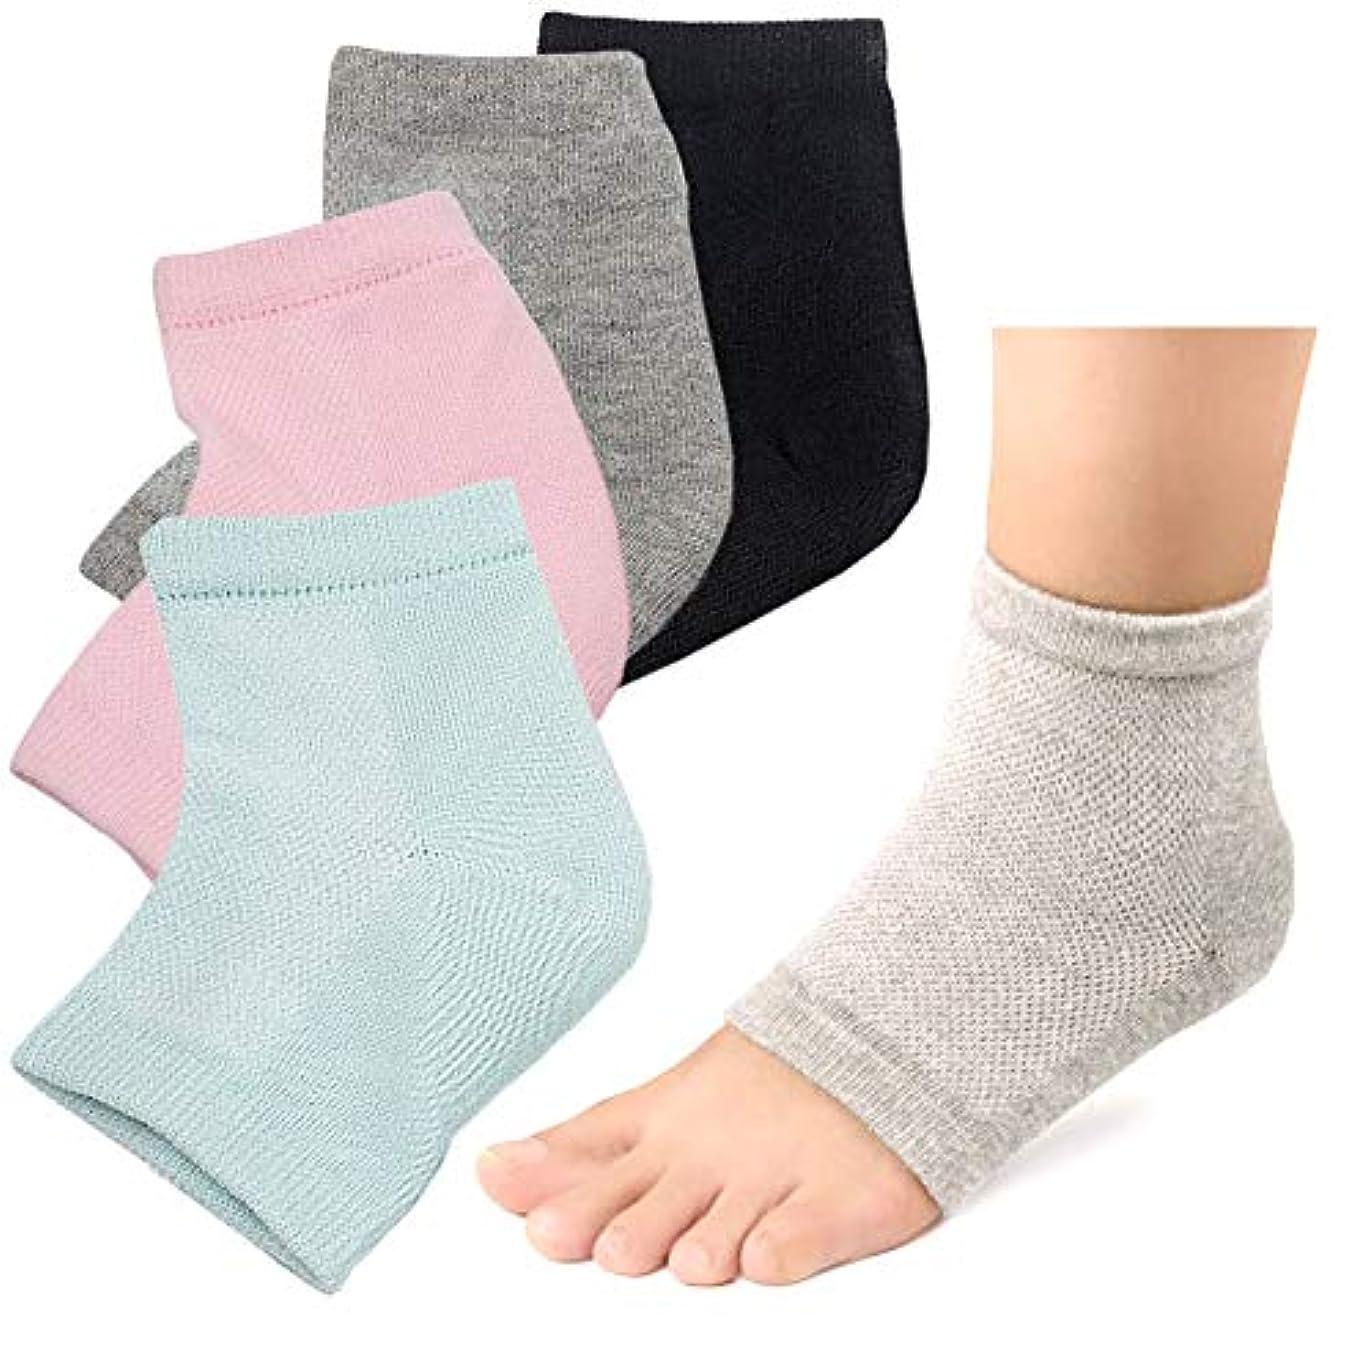 心から登場コンソールかかと 靴下 ソックス つるつる 2足セット かかとケア かかとサポーター ひび割れ対策 角質ケア (ブラック/グレー)